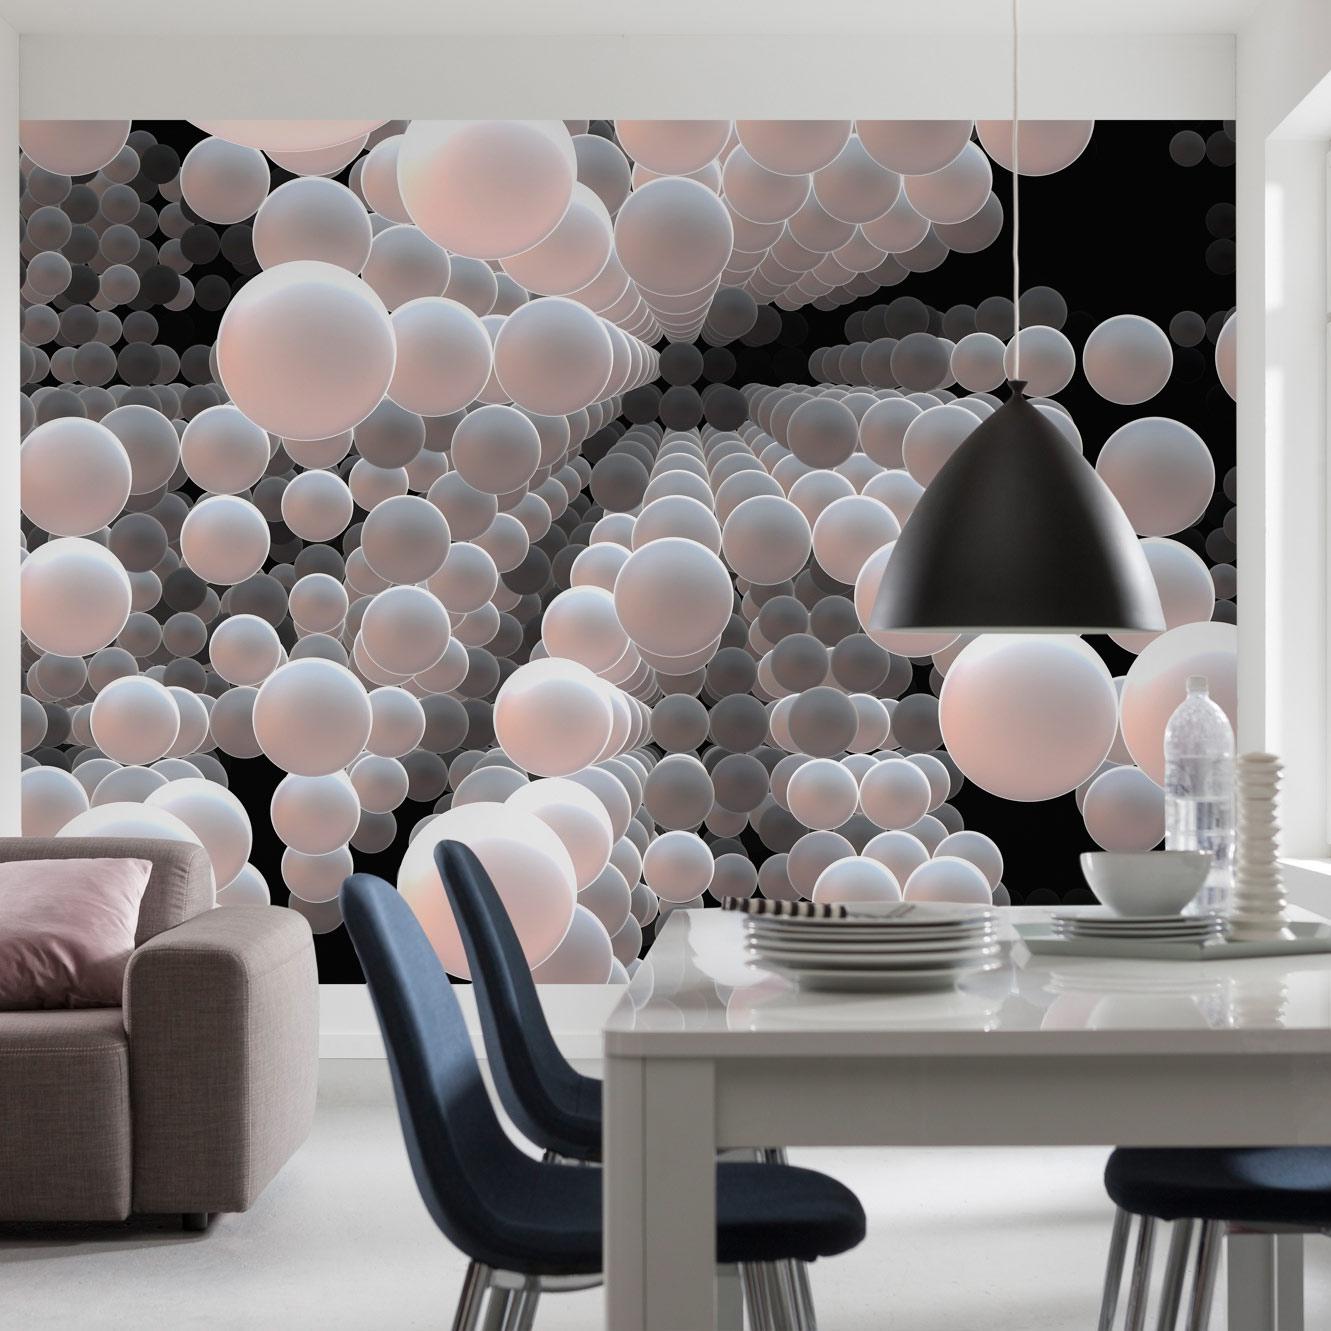 3D Spherical